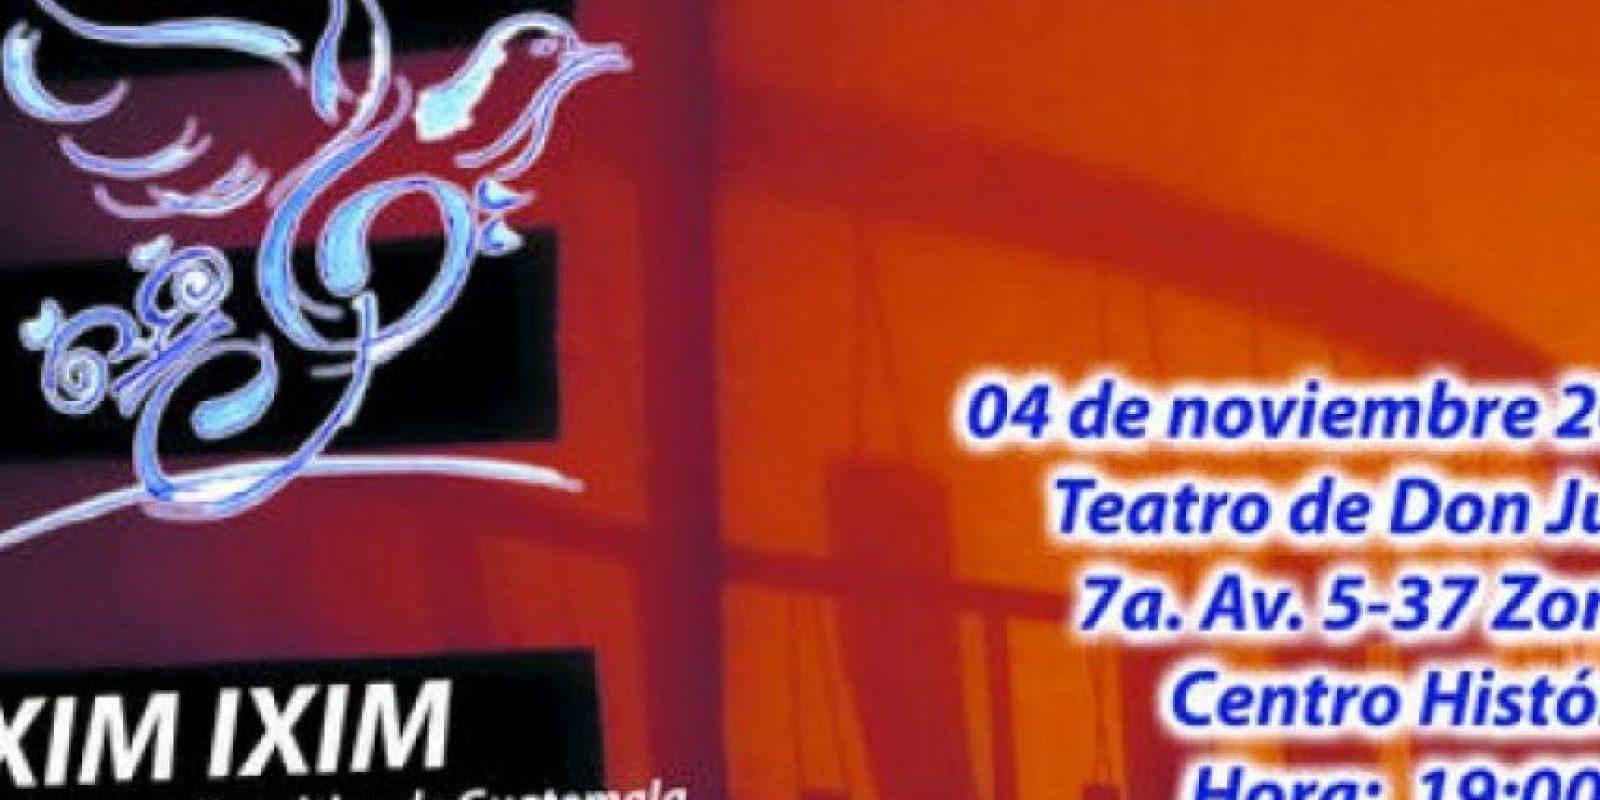 La Orquesta Sincrética de Guatemala se presentará el 4 de noviembre, a las 19 horas, en el Teatro de Don Juan. Admisión: Q150